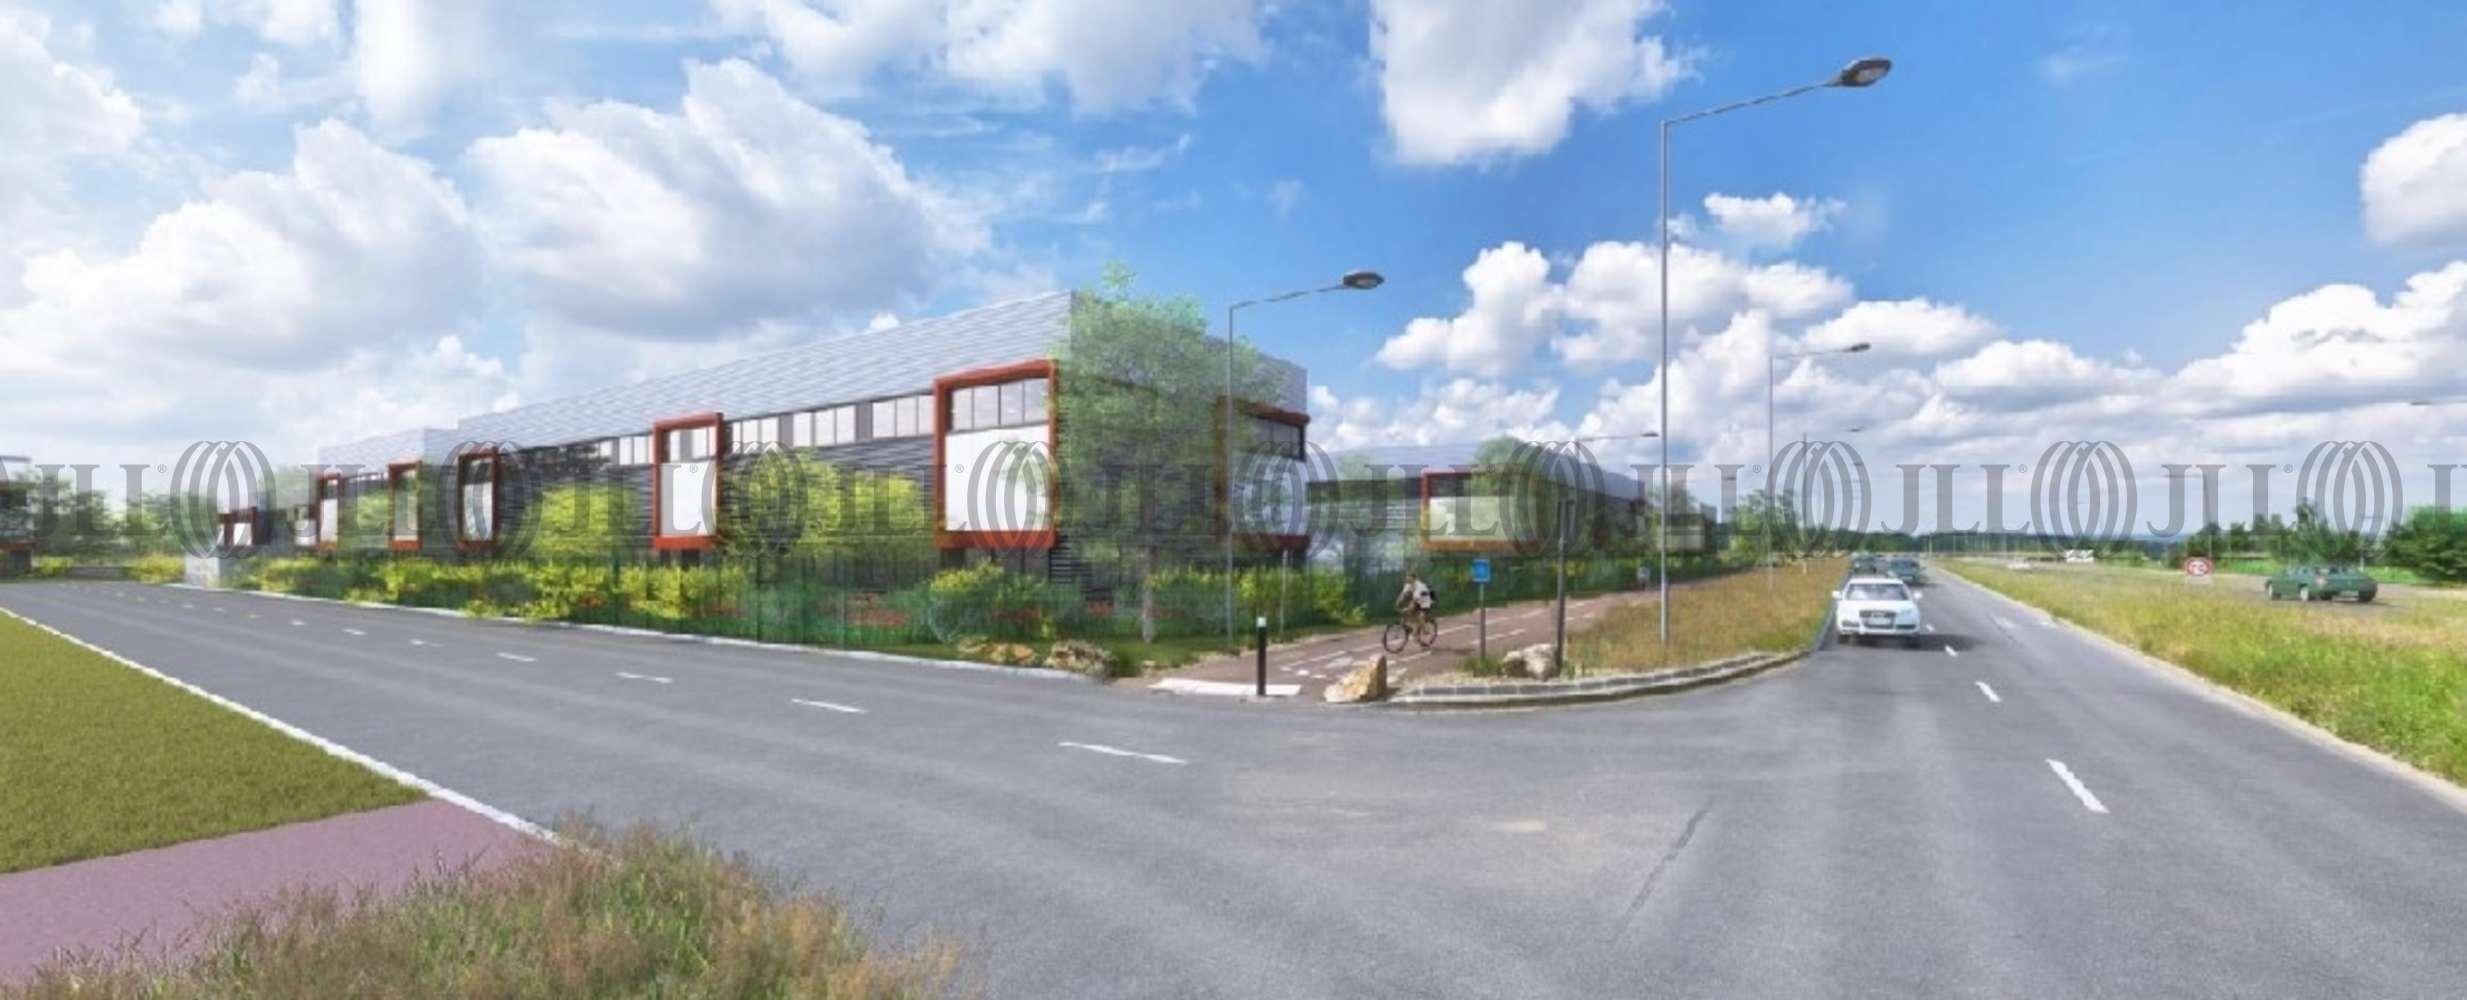 Activités/entrepôt Chanteloup en brie, 77600 - INNOVESPACE